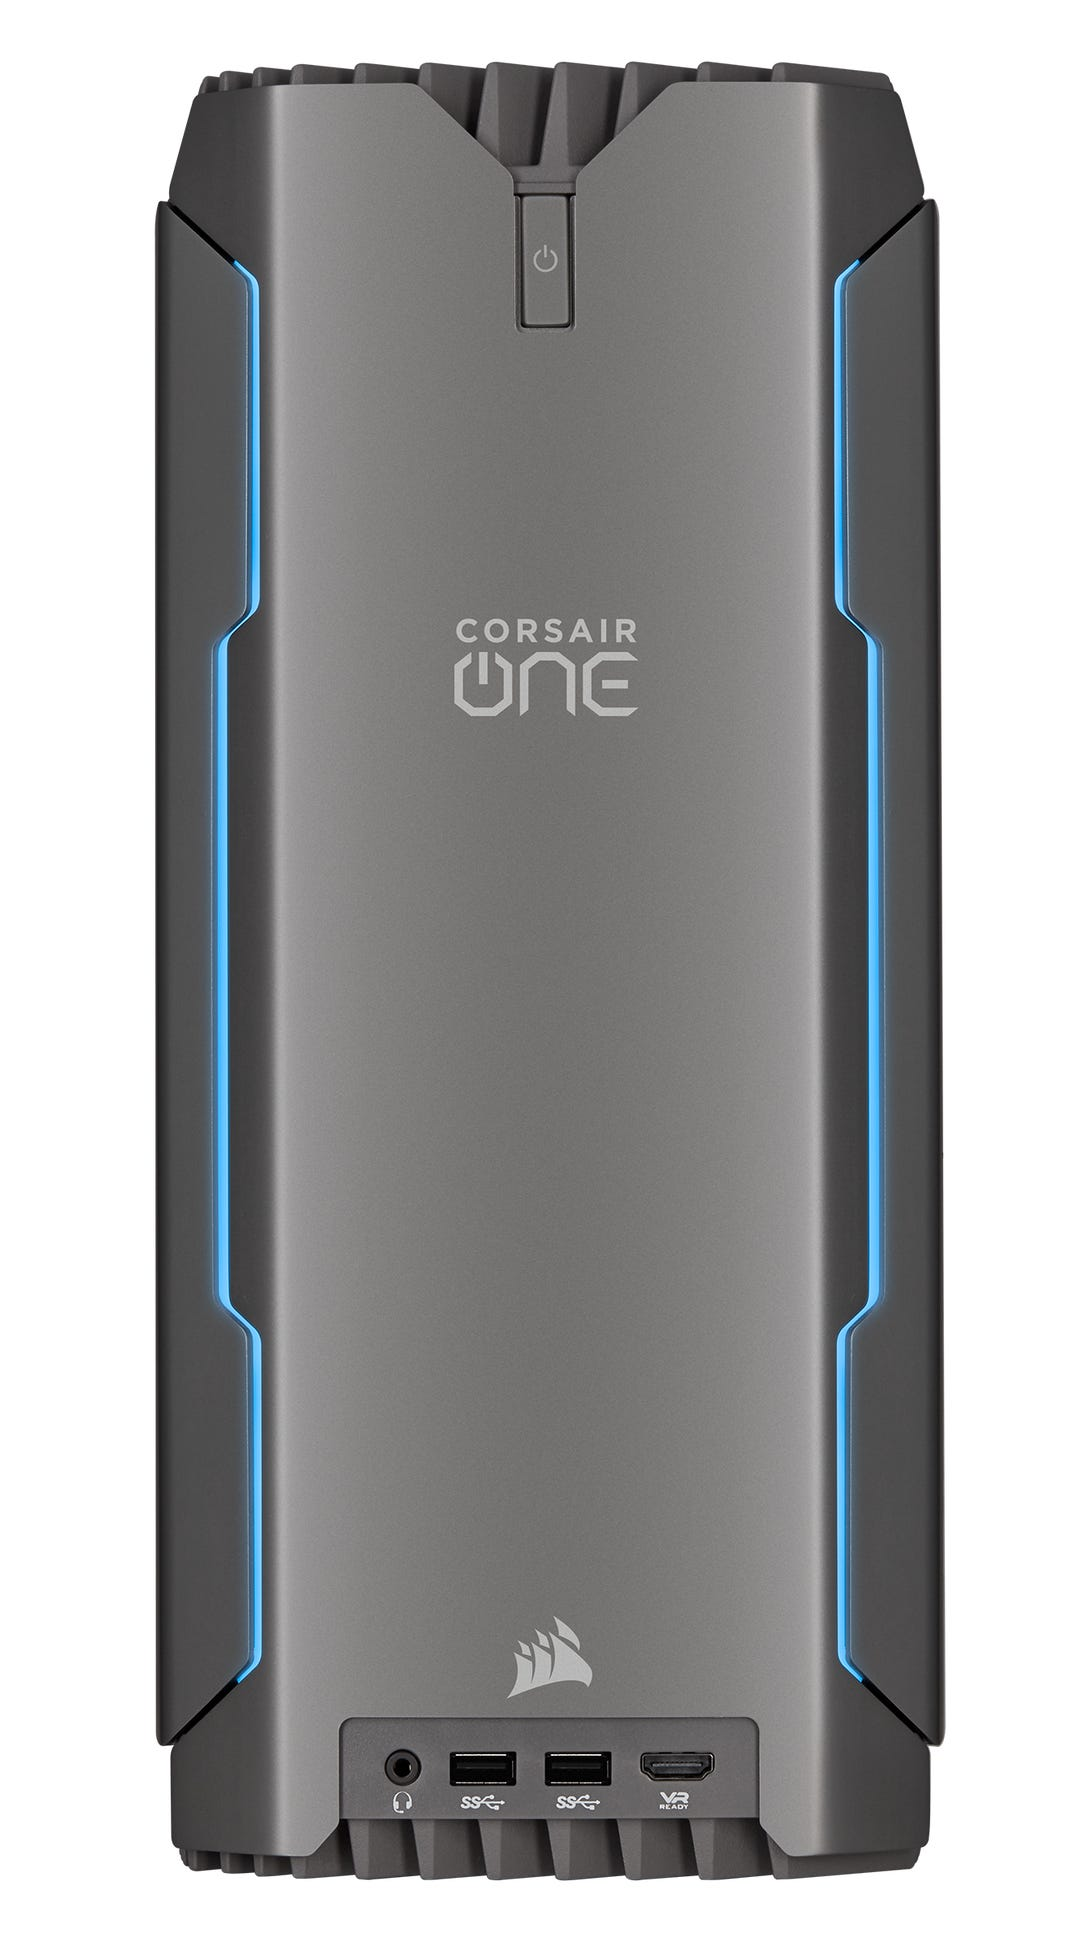 ces-2019-corsair-one-pro-i180-pc-workstation-desktop.png